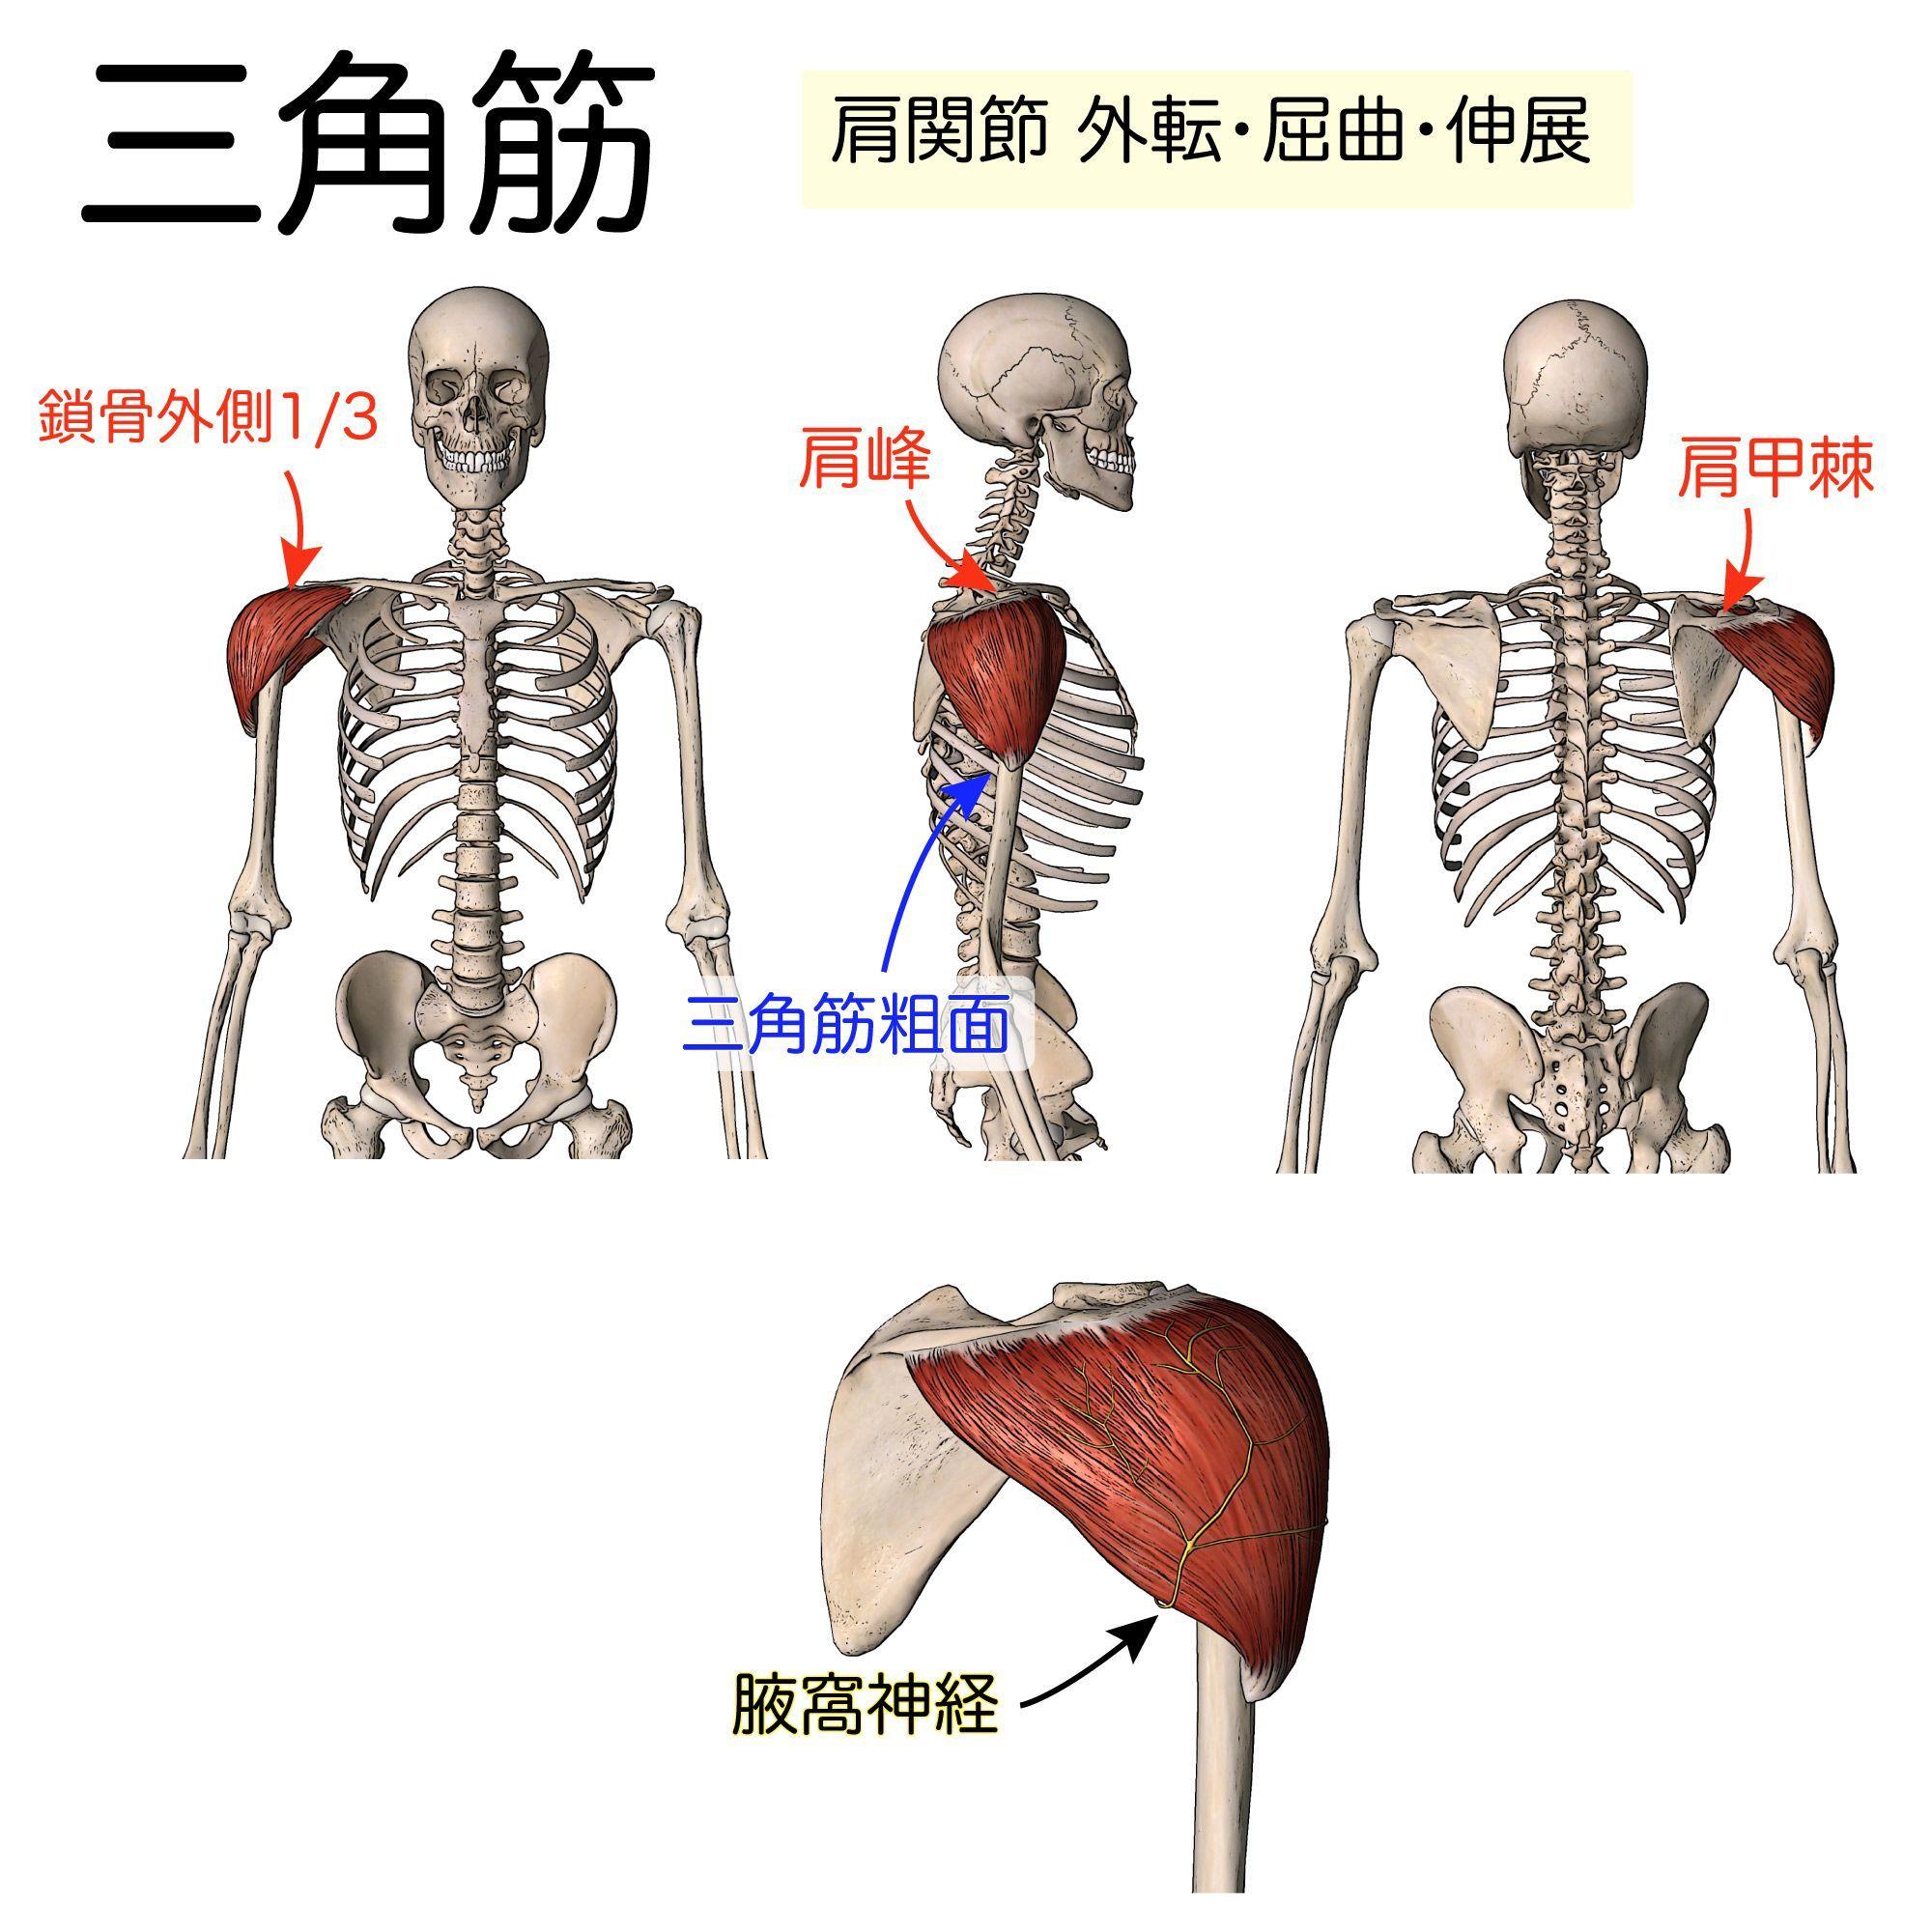 橈骨 筋 神経 腕